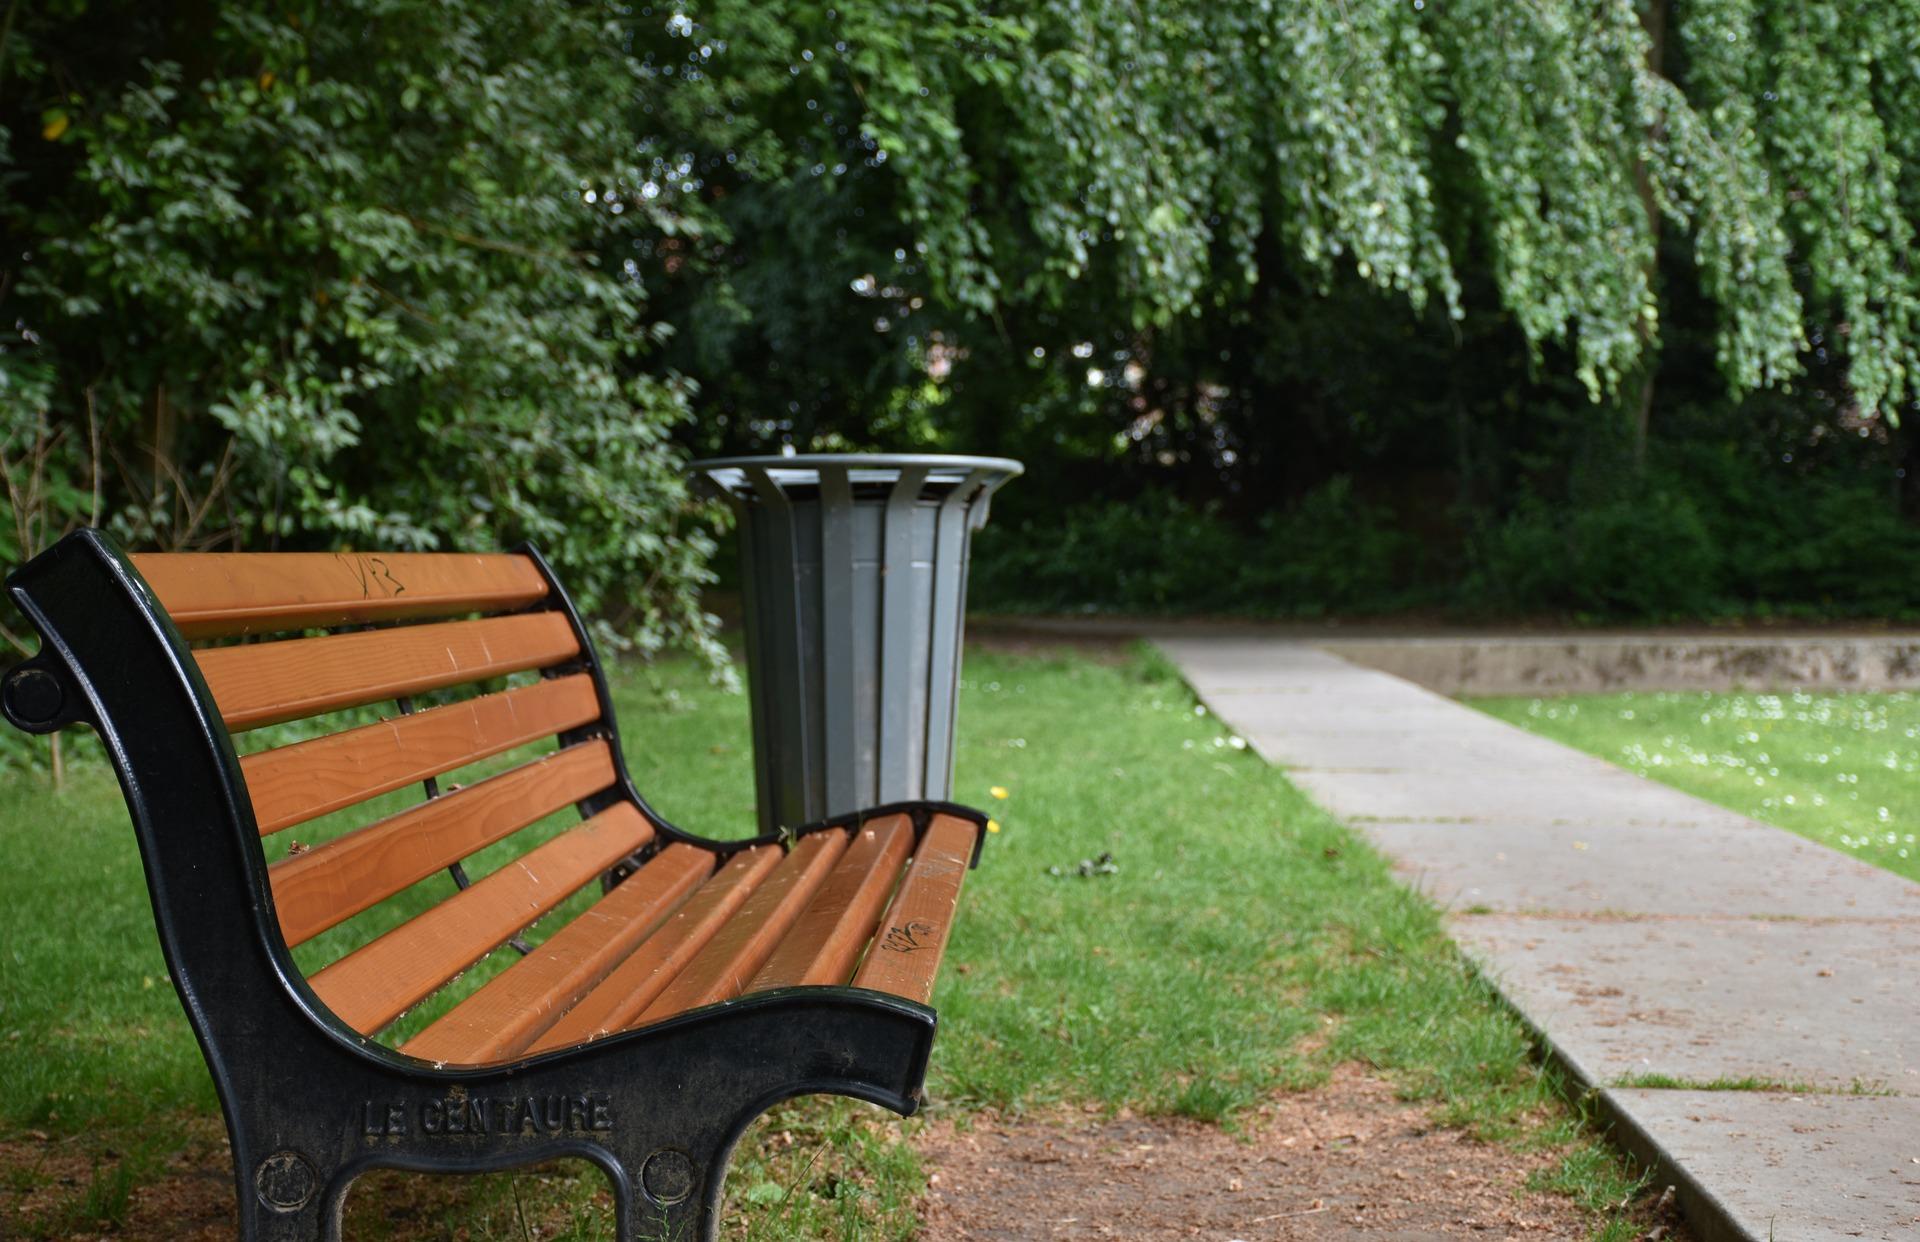 bench-1421858_1920